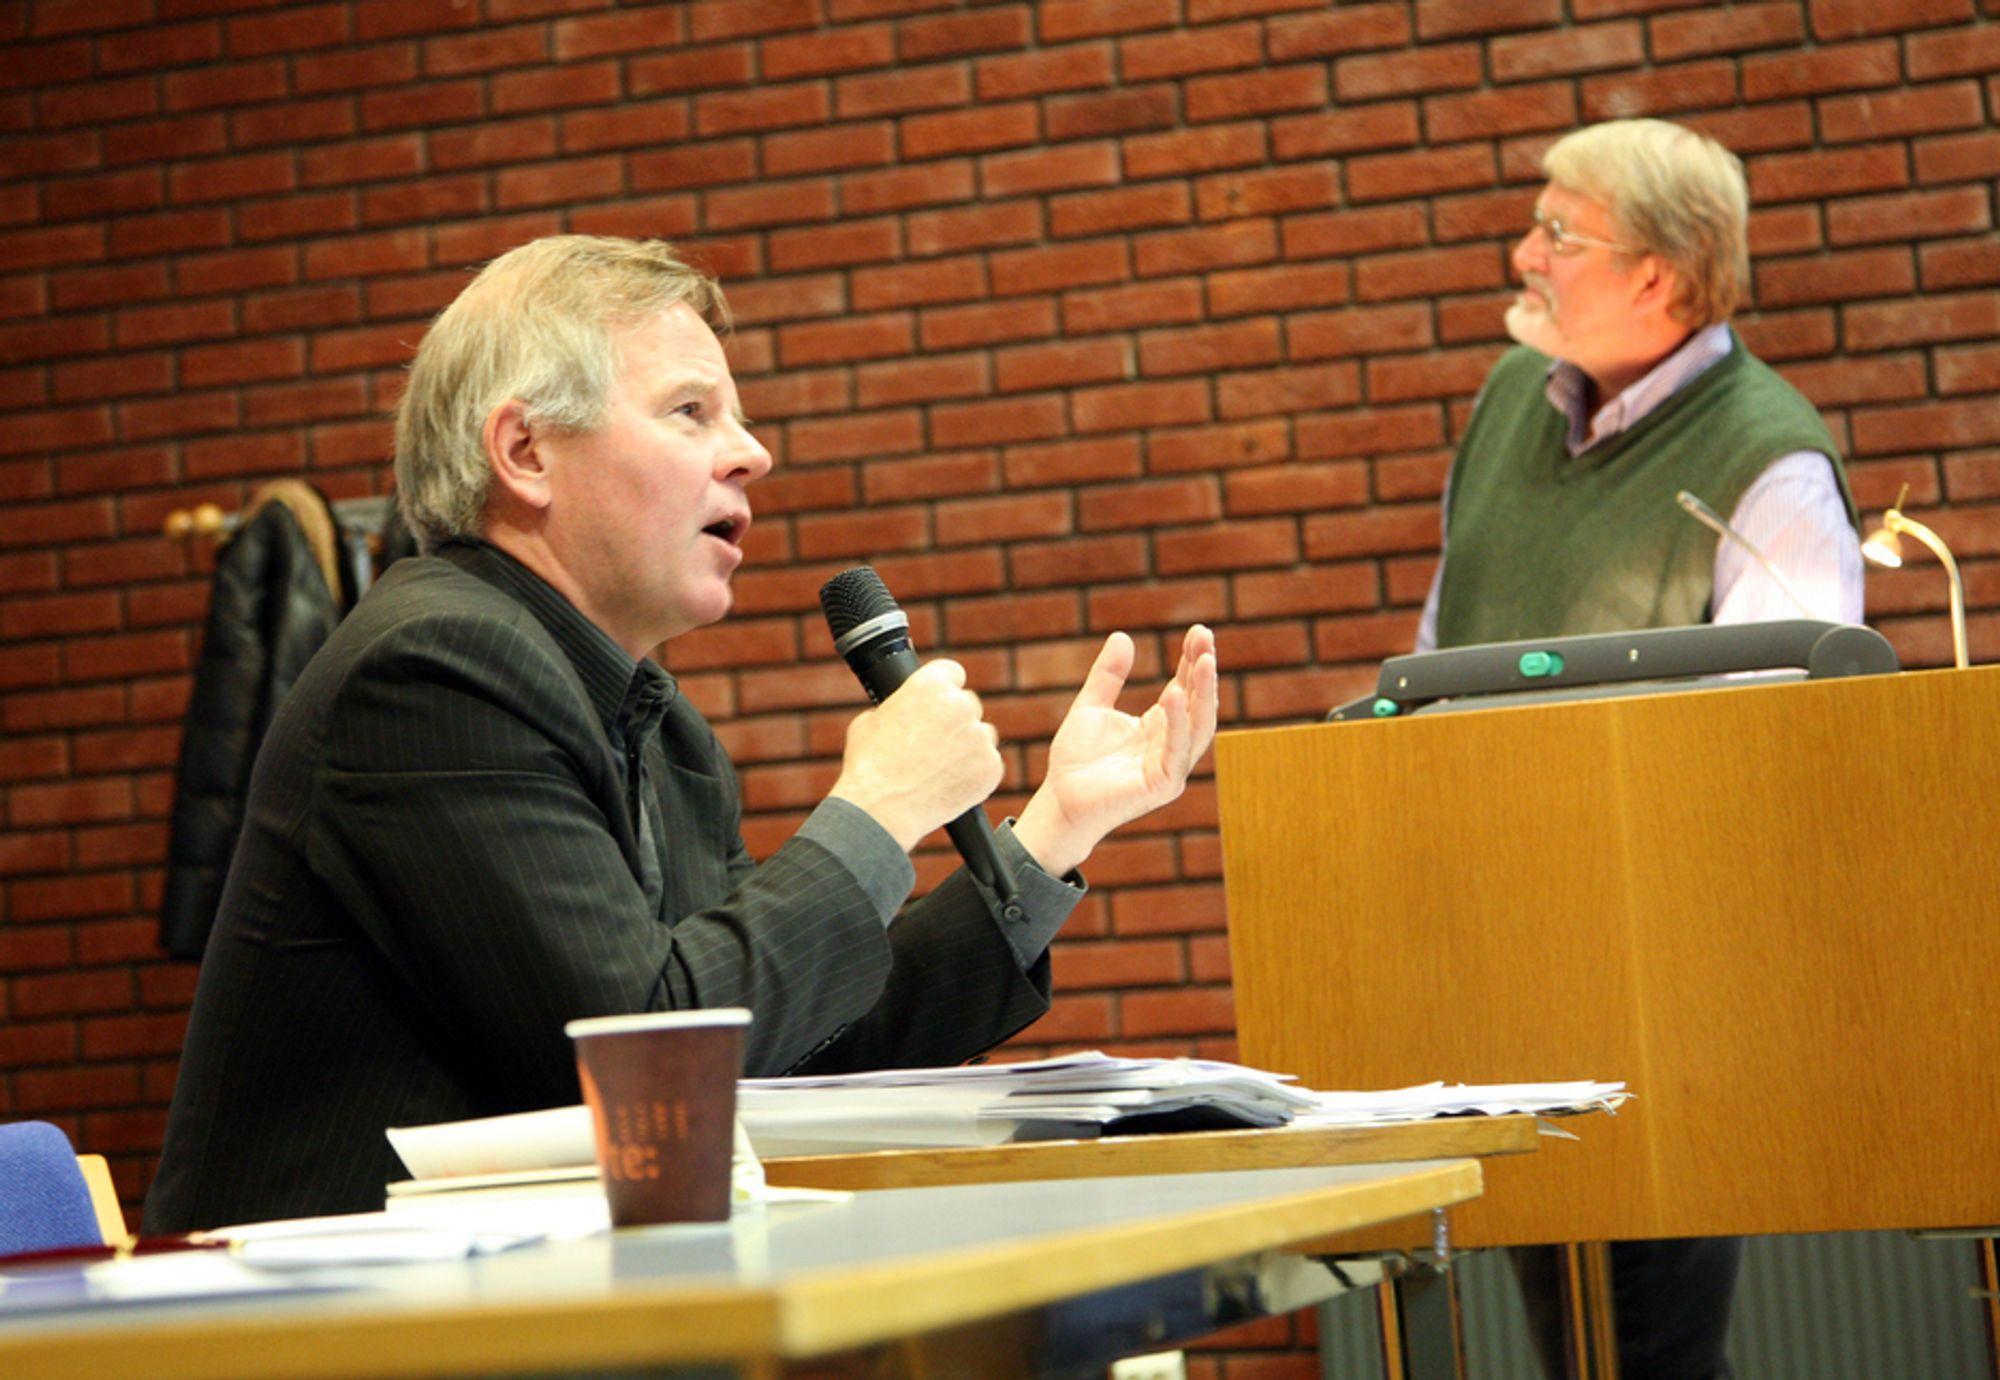 NYTT: Ole Petter Ottersen, rektor ved Universitetet i Oslo og Bernt Hagtvedt, professor i statsvitenskap ved samme institusjon, er kritiske til Times-rankingen.